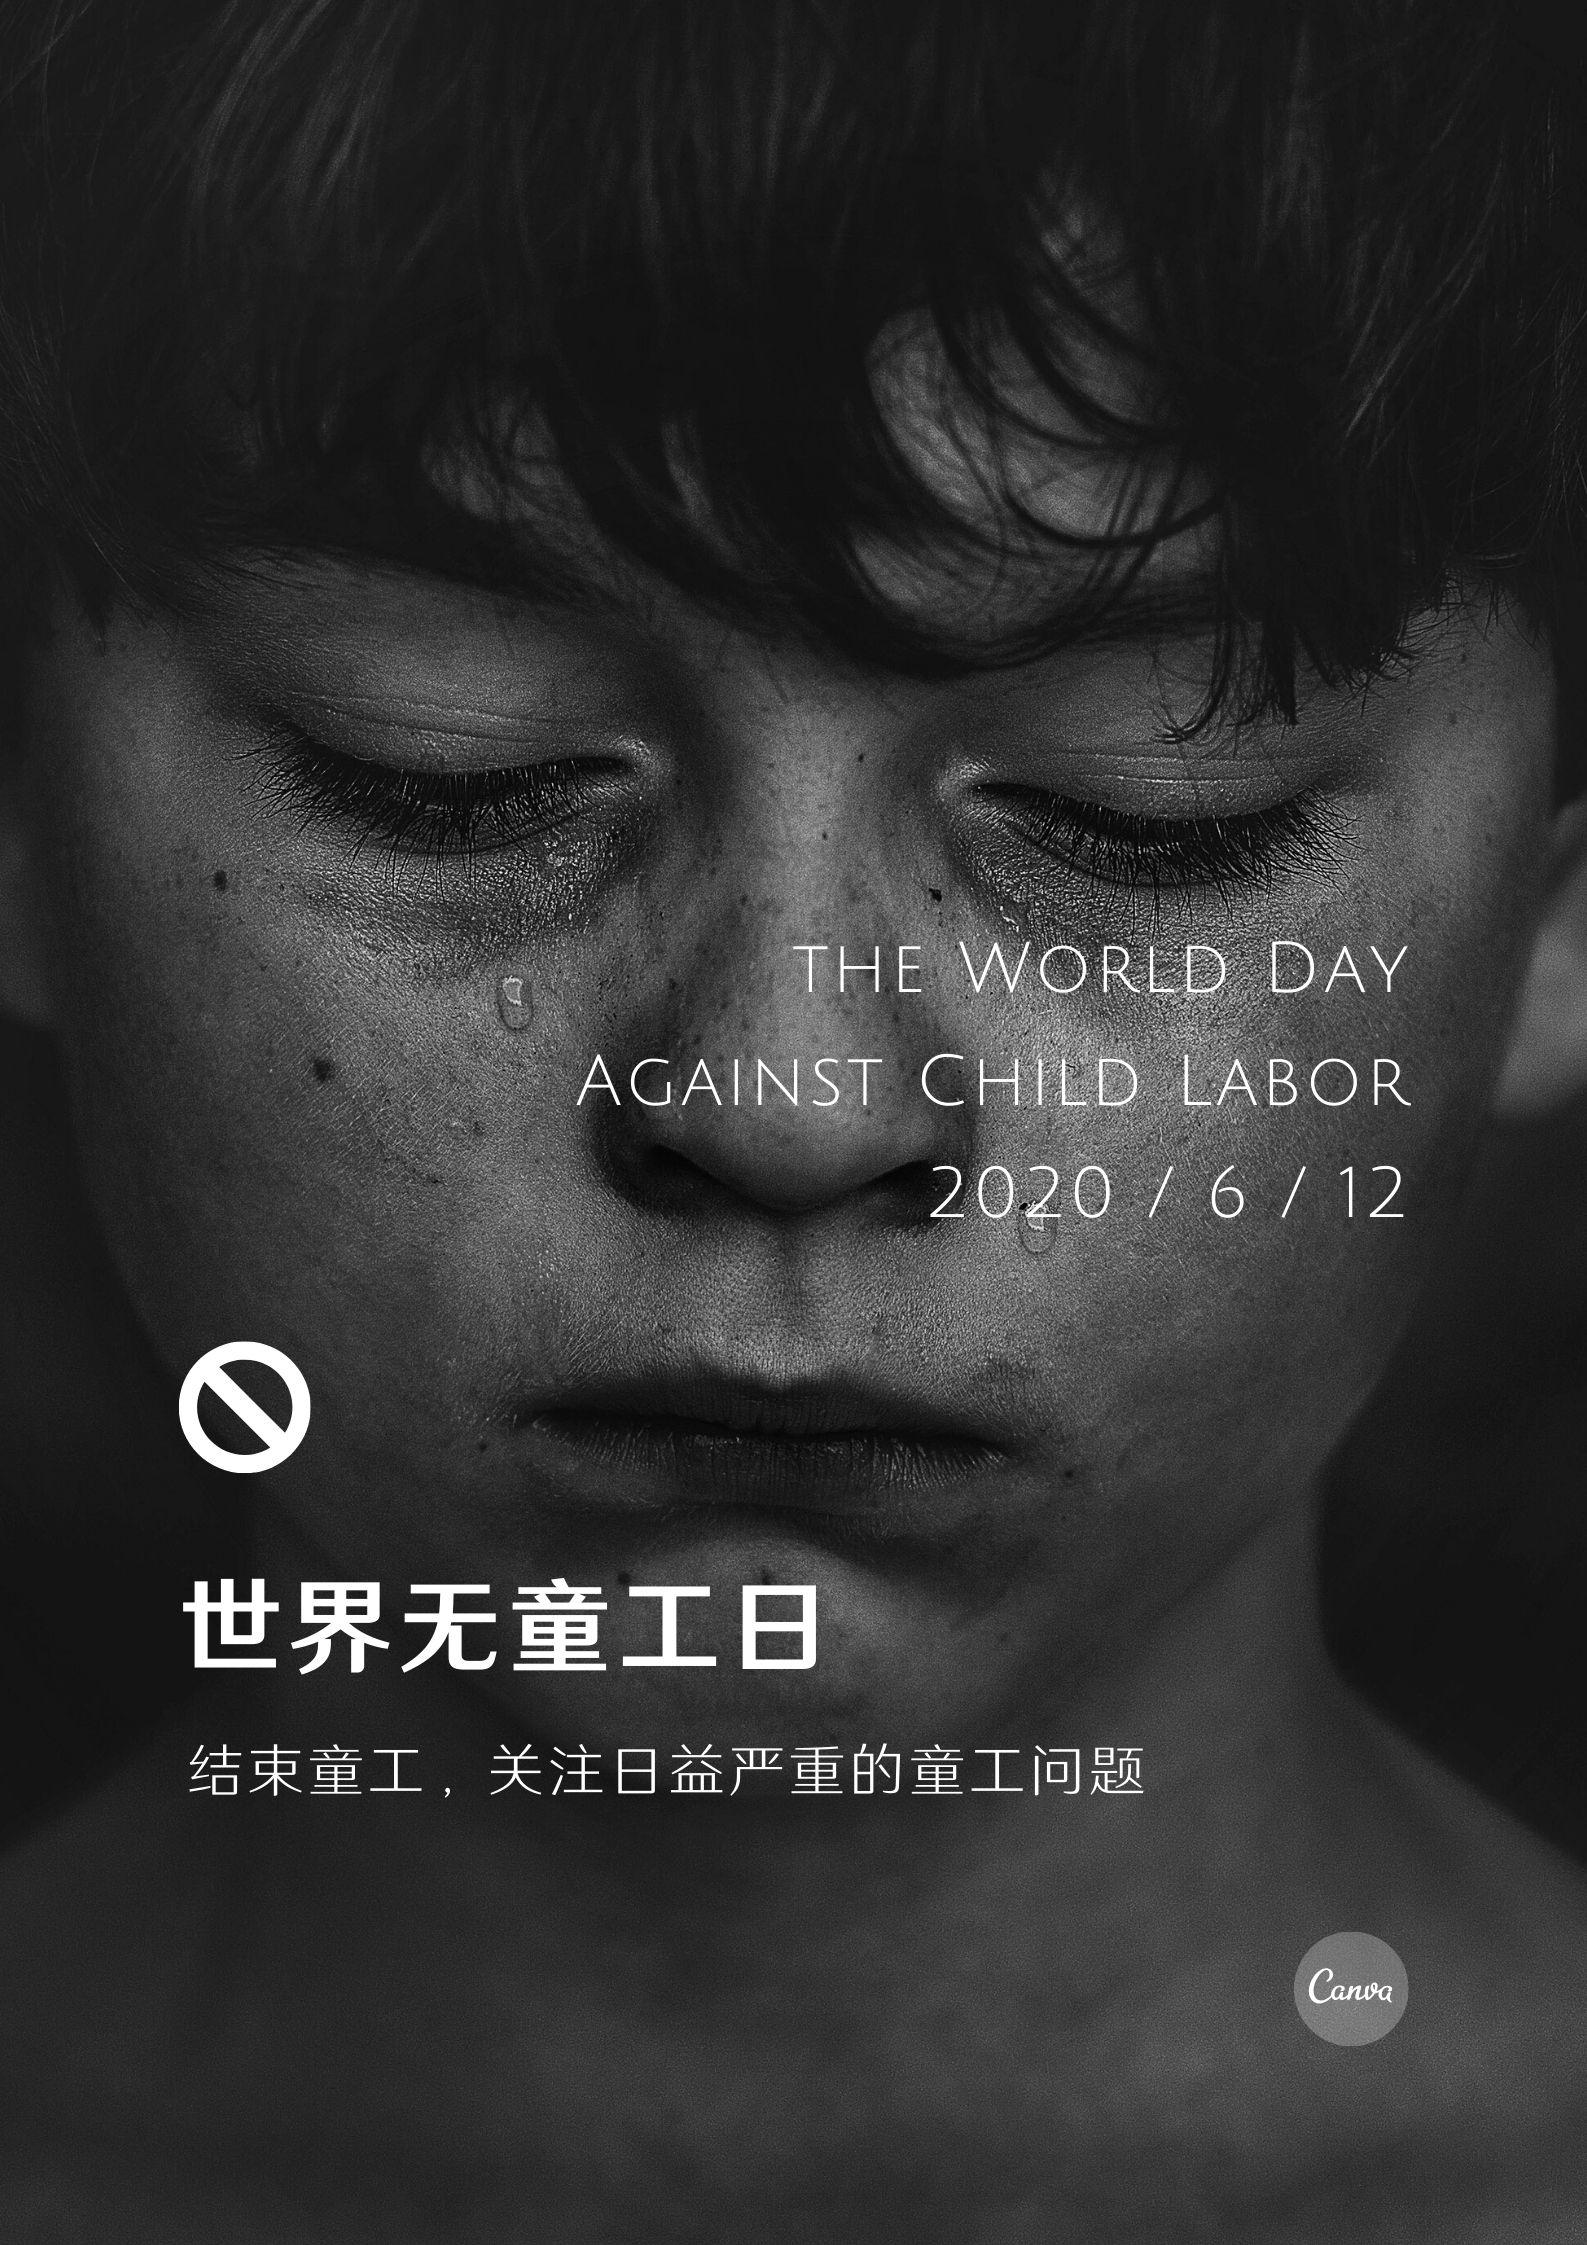 世界无童工日海报